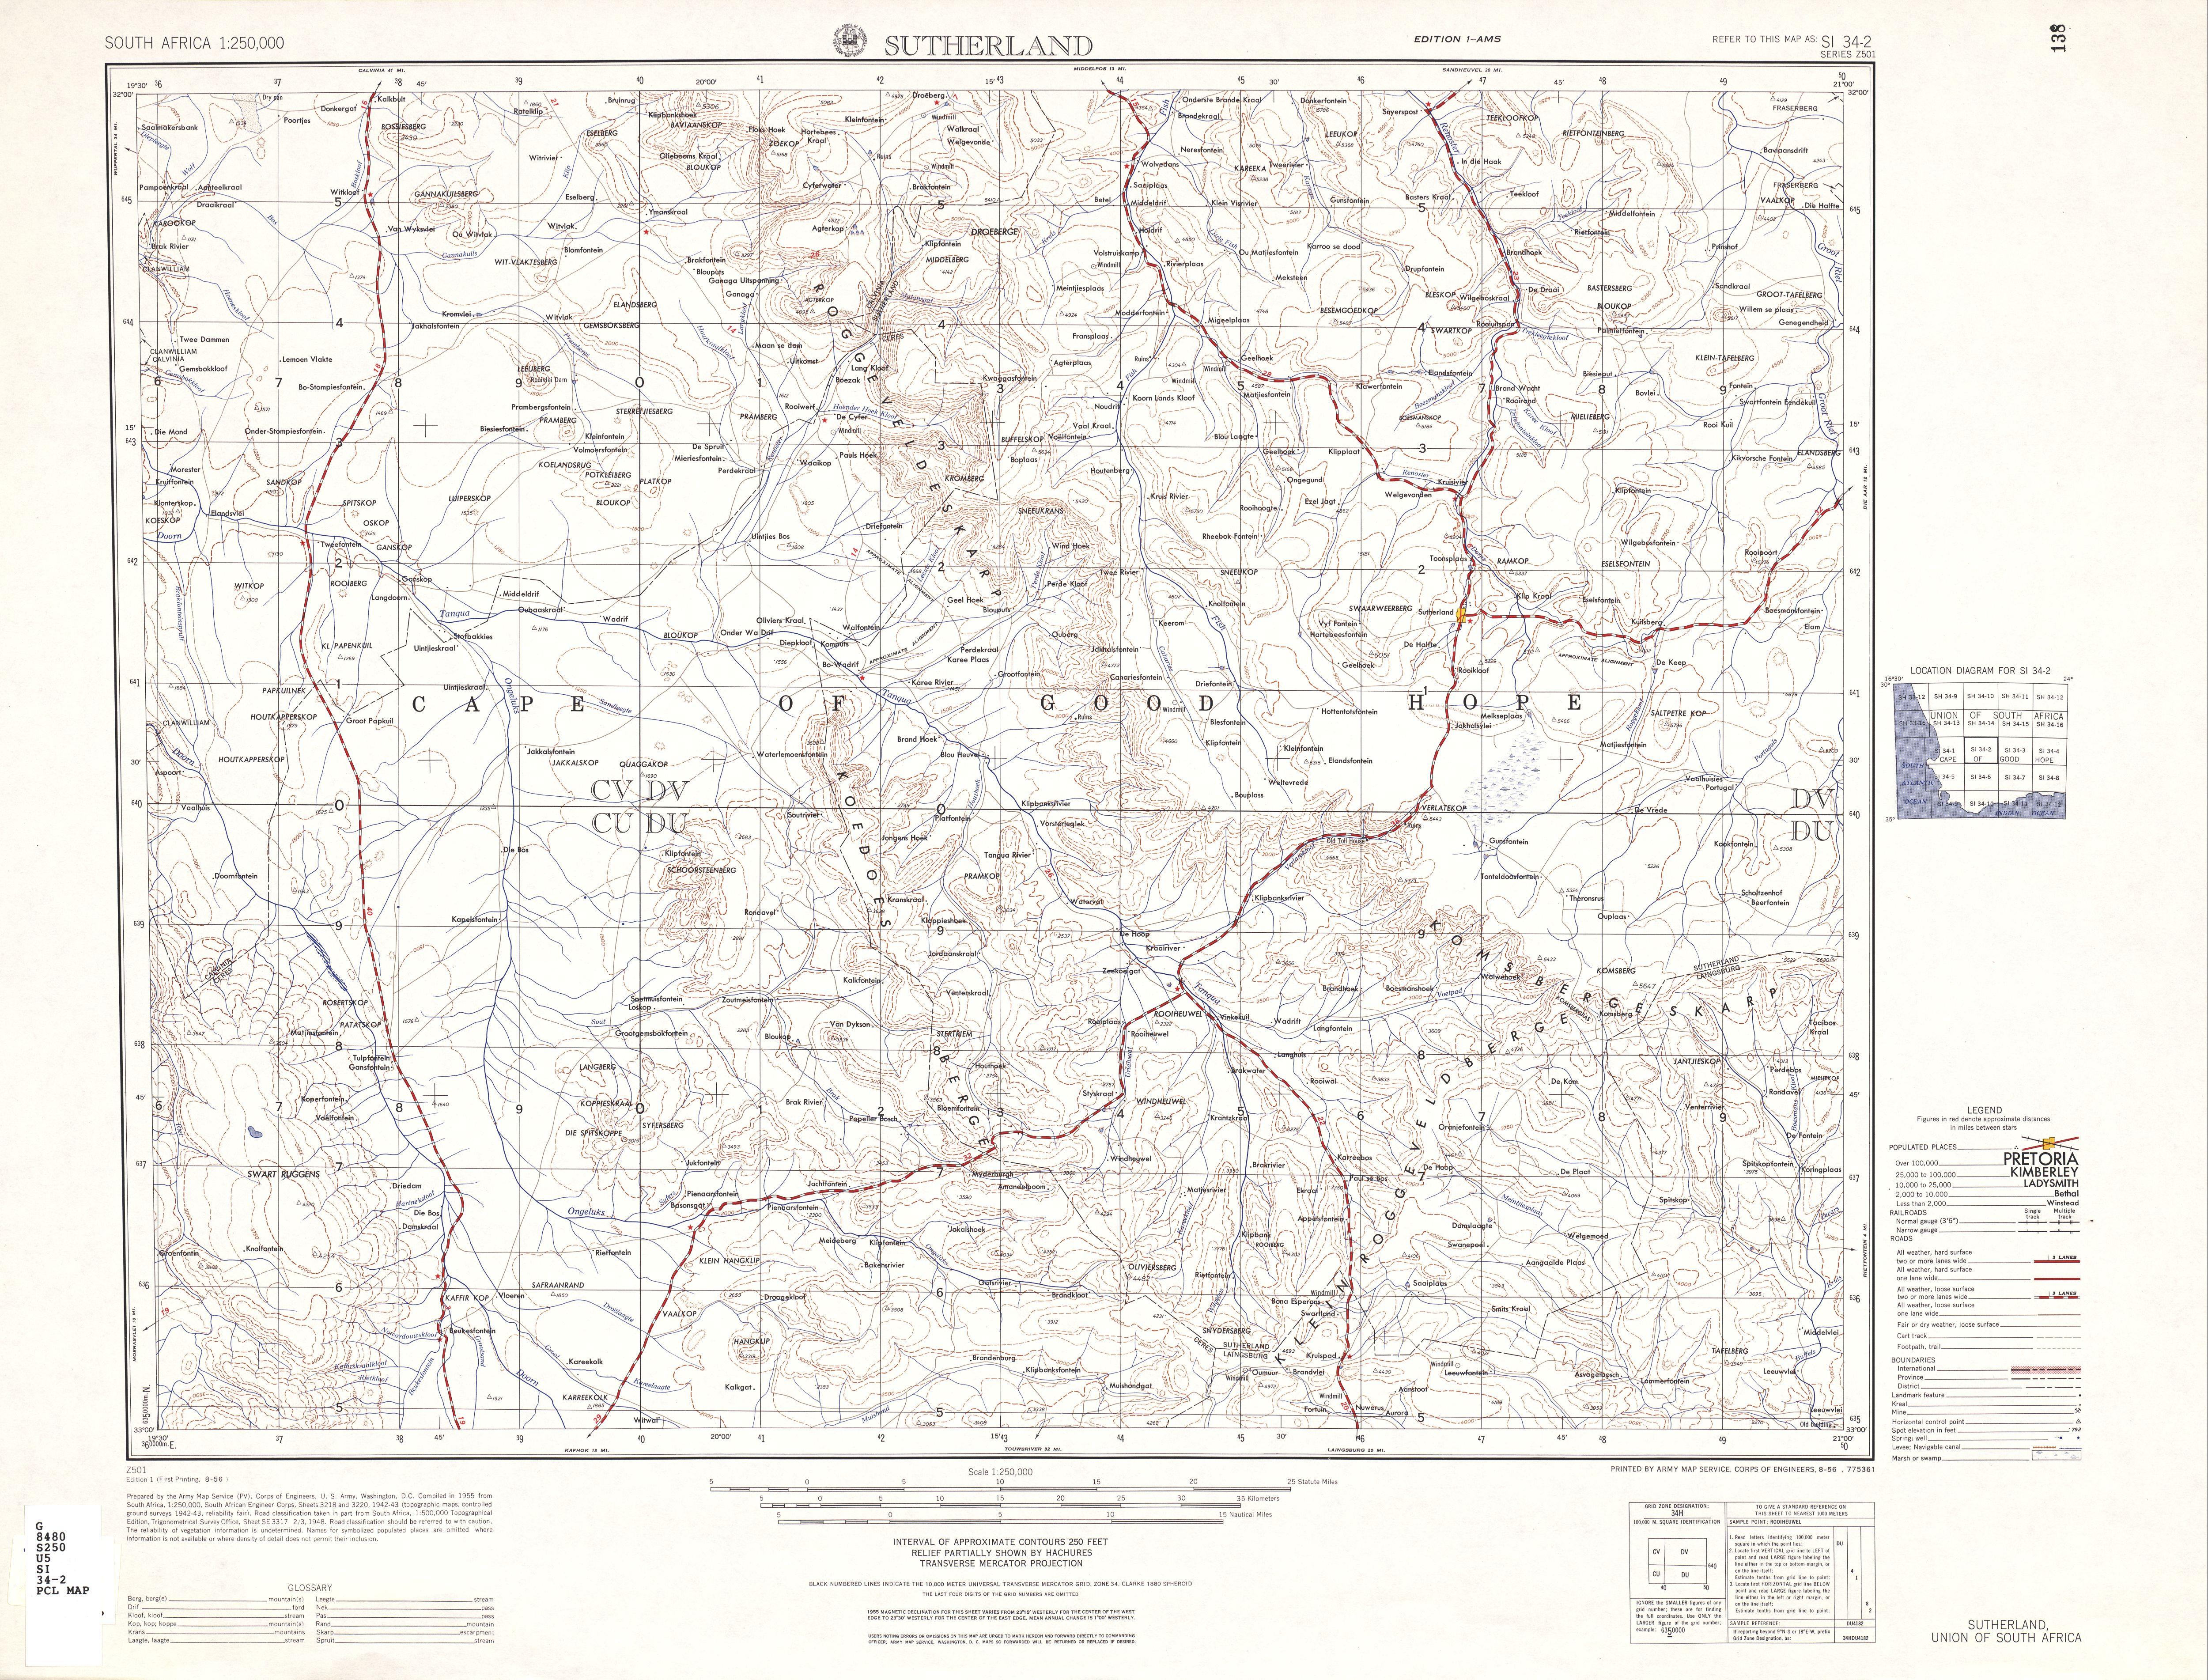 Hoja Sutherland del Mapa Topográfico de África Meridional 1954